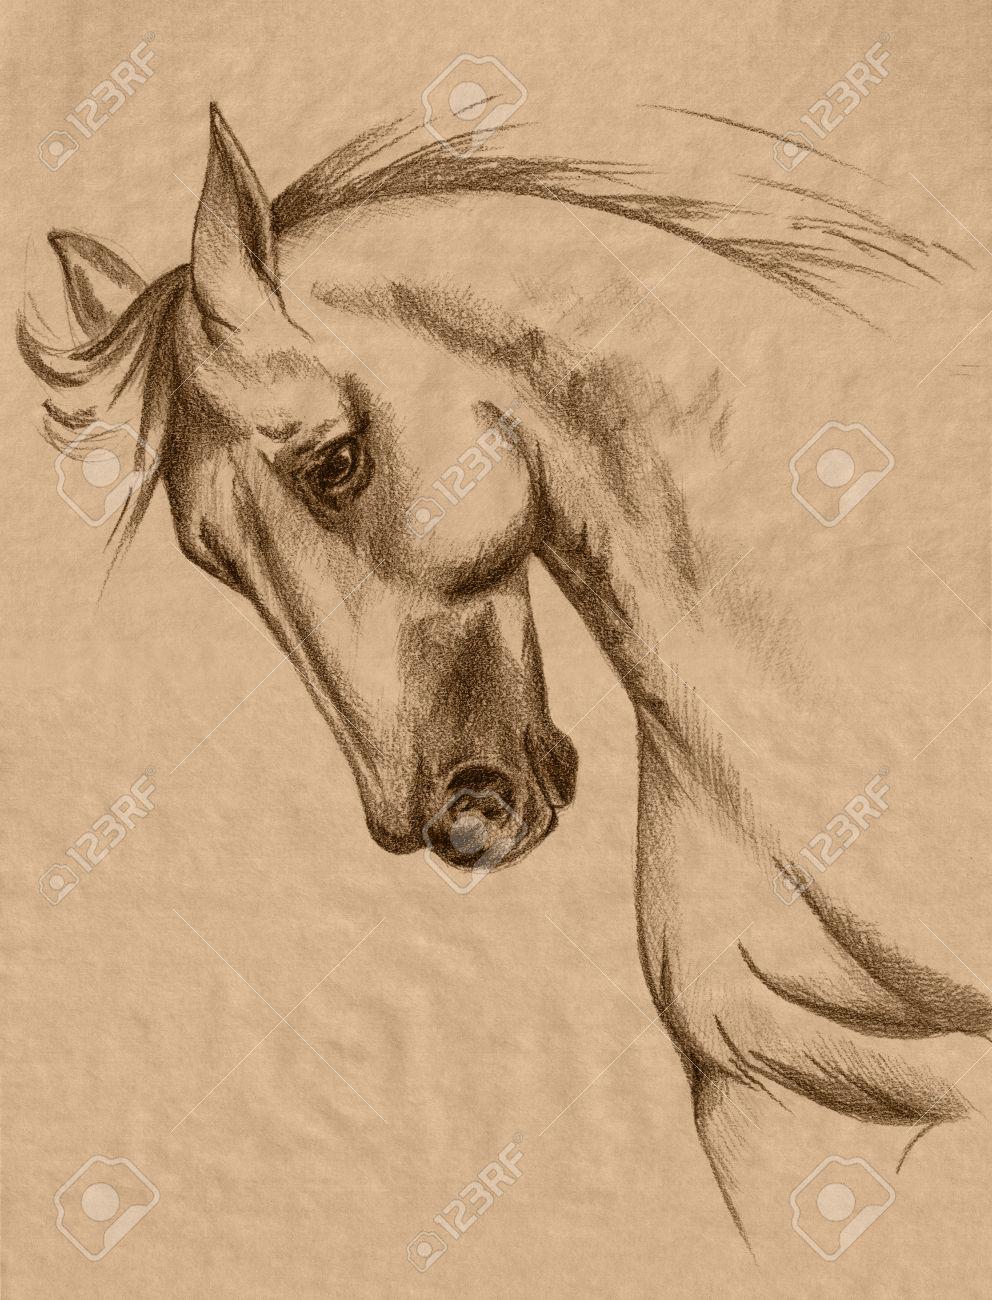 Très Cheval à Main Levée Tête Sépia Dessin Au Crayon - Réaliste Croquis  WE02